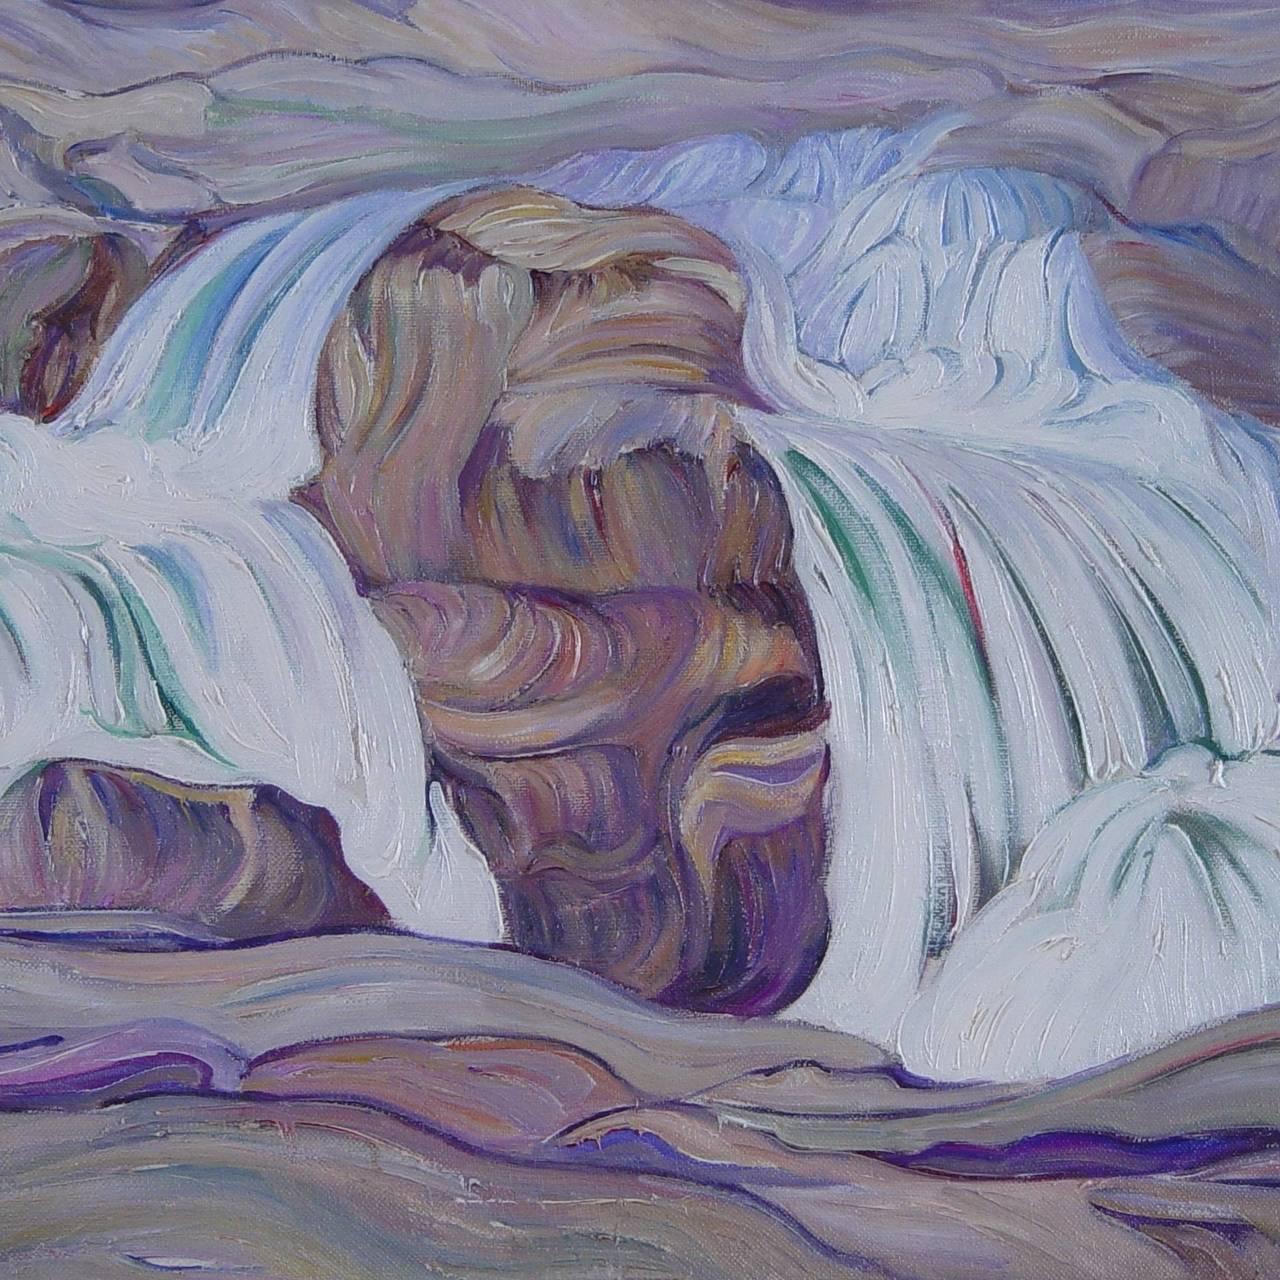 Waterfall (Woodstock, New York)